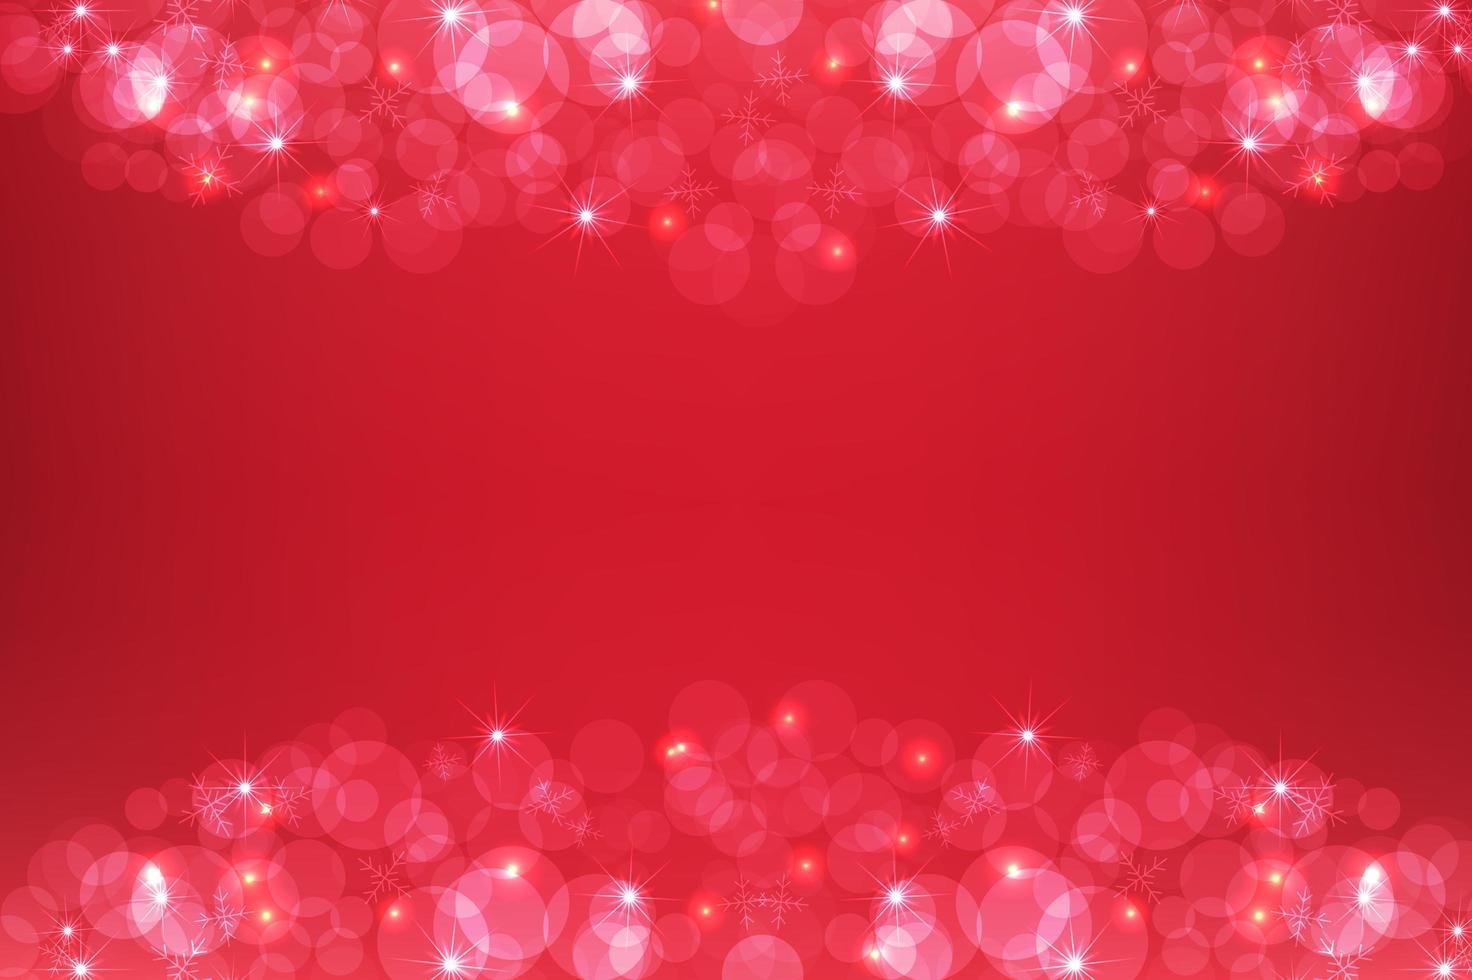 rode sprankelende vrolijke kerstvakantie achtergrond vector